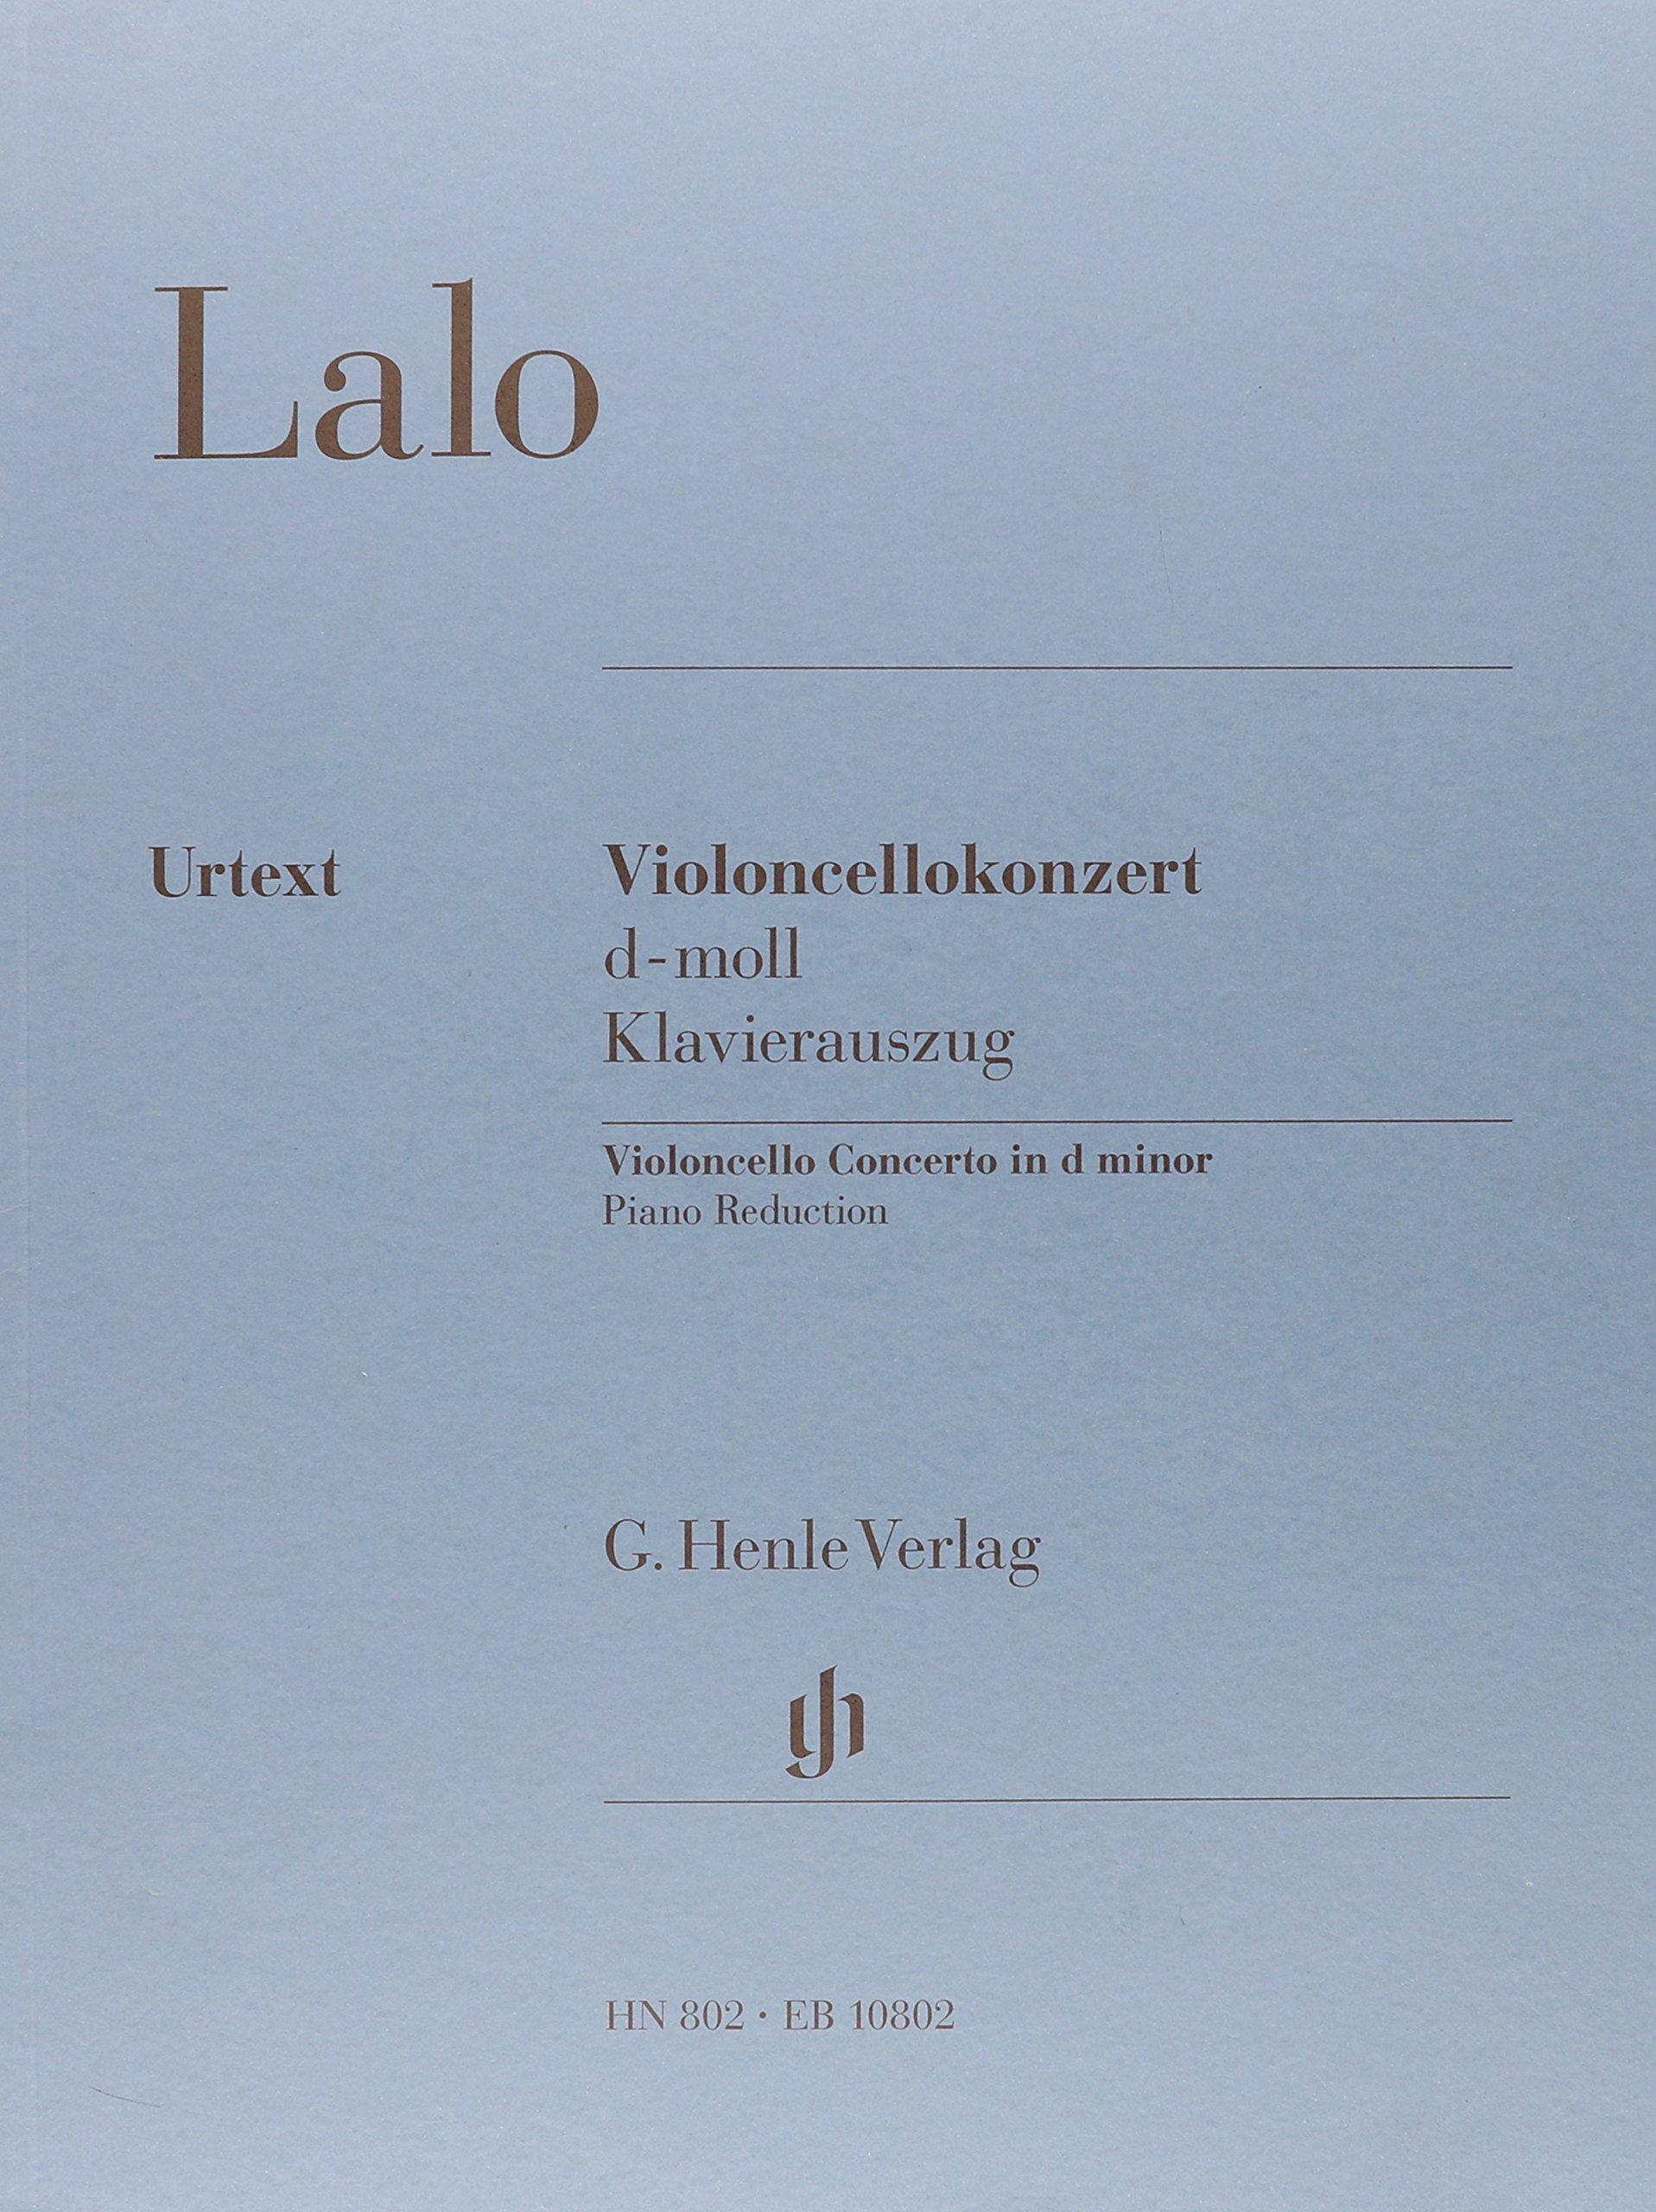 Download Concerto D Minor For Violoncello And Orchestra Piano Reduction PDF